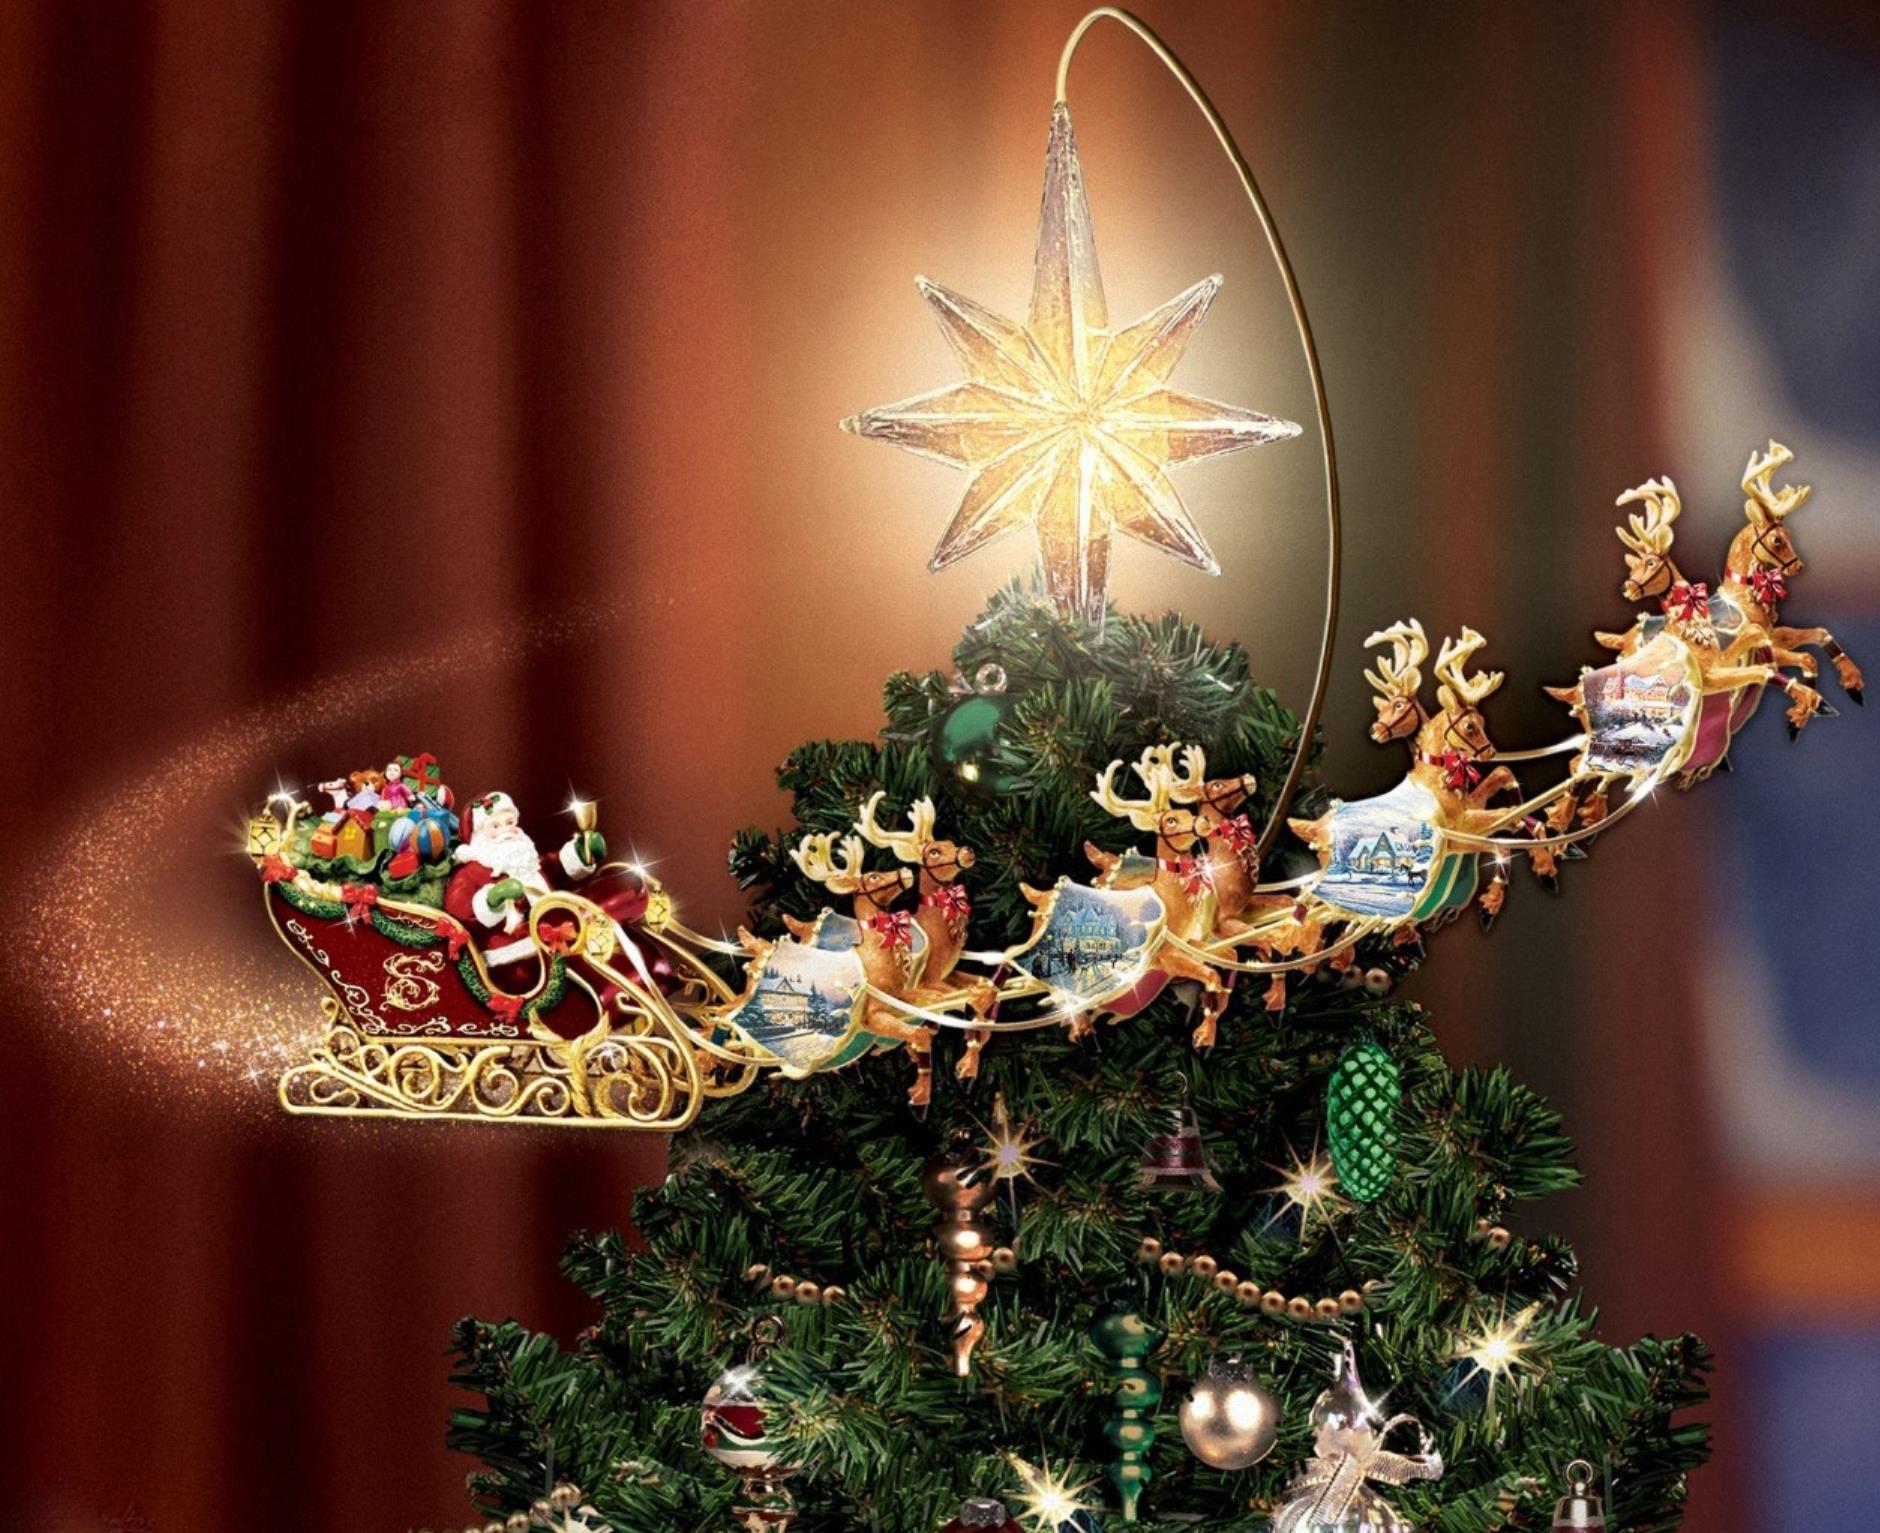 Санта Клаус в санях, на оленях летит вокруг новогодней, наряженной елки